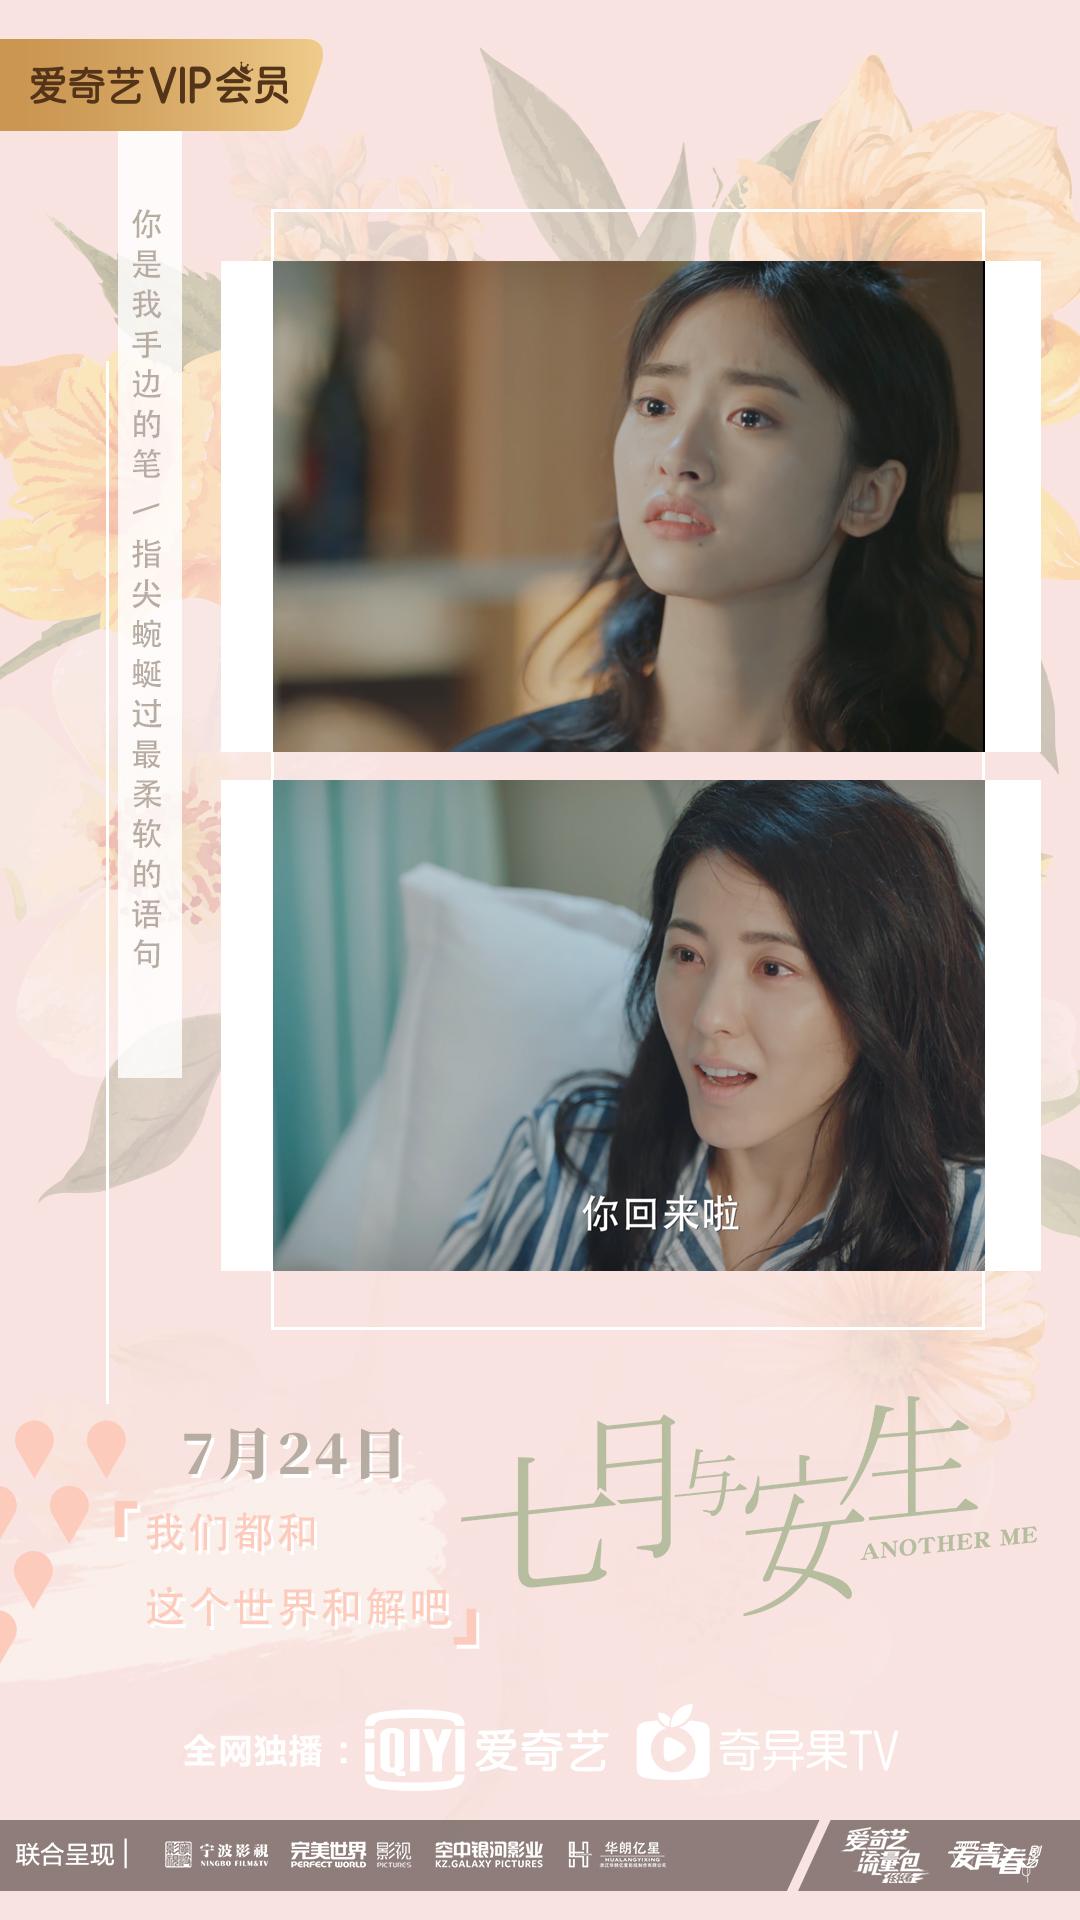 安小七温馨提示您:今晚请准备好纸巾!